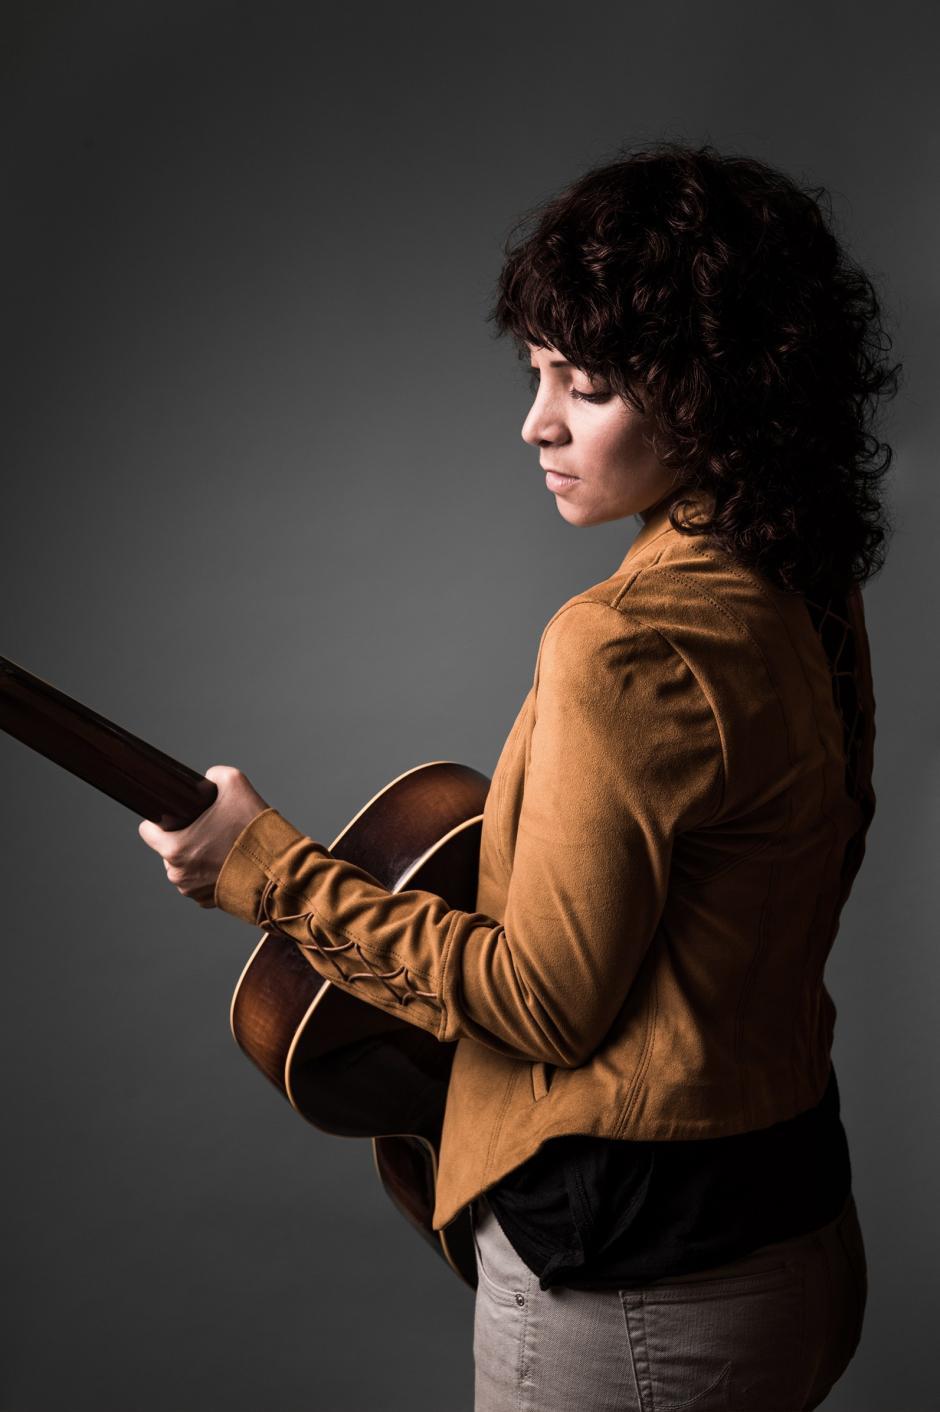 La guatemalteca fue entrevistada por el sitio especializado en música Music Bed. (Foto: Music Bed)